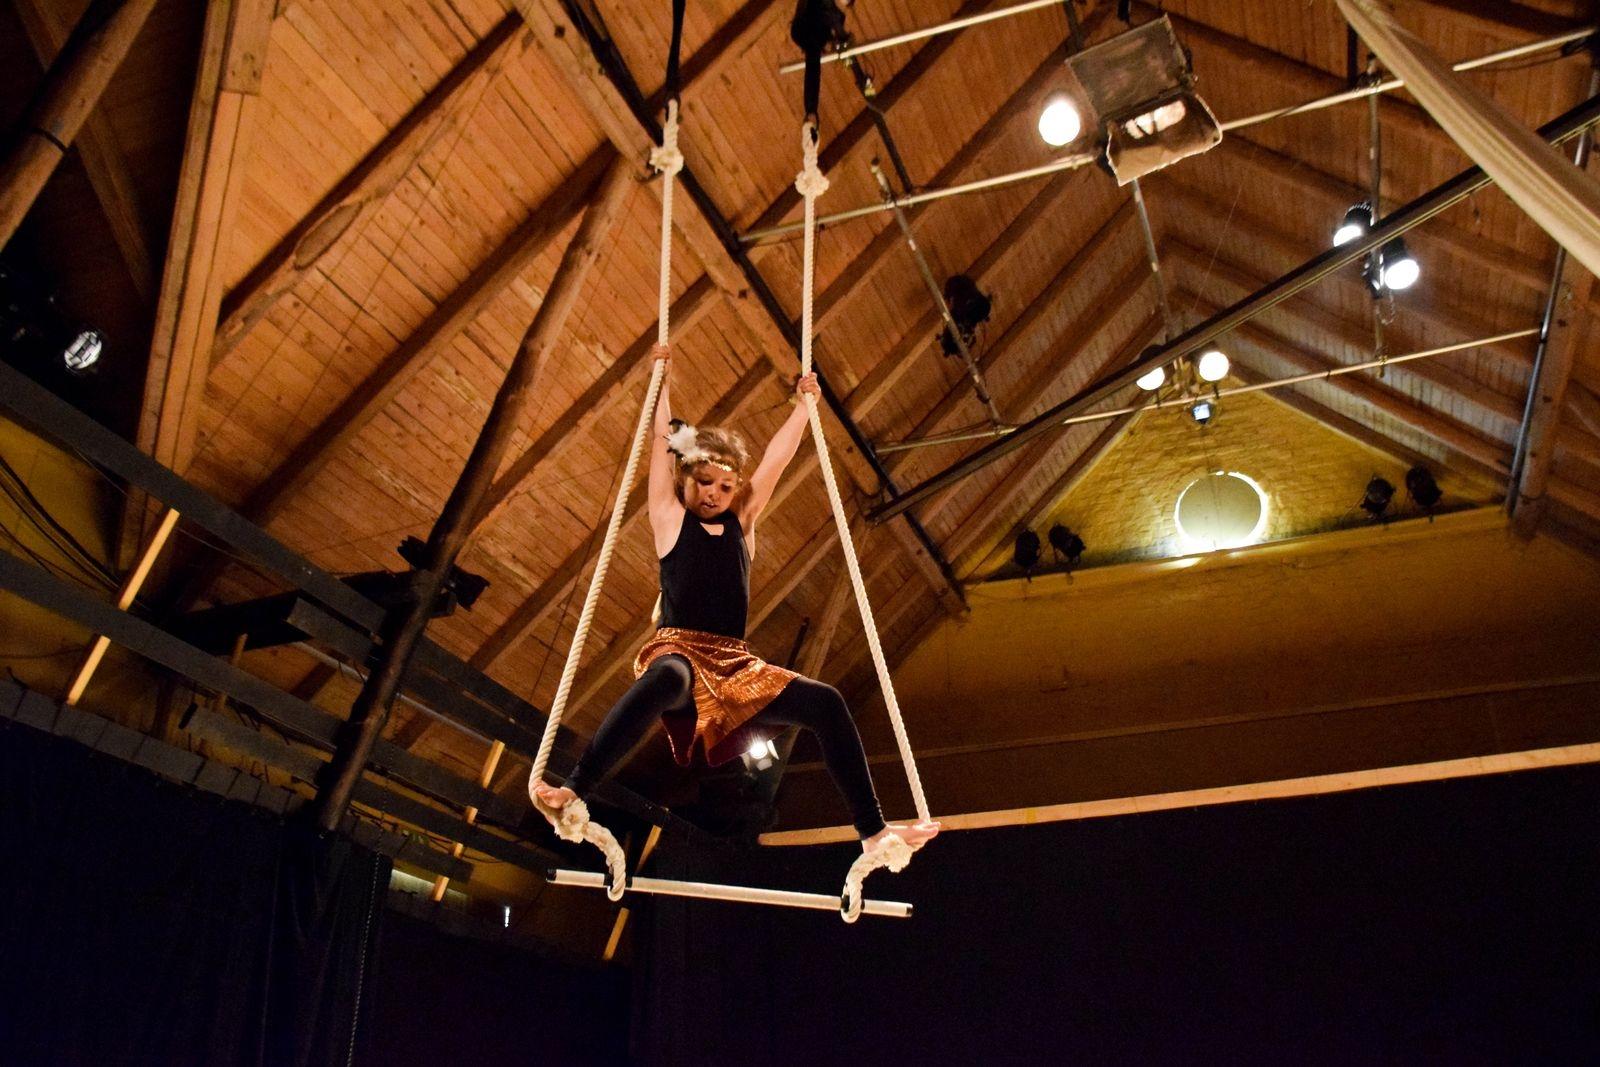 I maj bjöd de talangfulla barnen och ungdomarna från Simrishamns kommuns kulturskola på en hisnande och hejdlöst vacker dans- och cirkusföreställning på Skillinge teater.